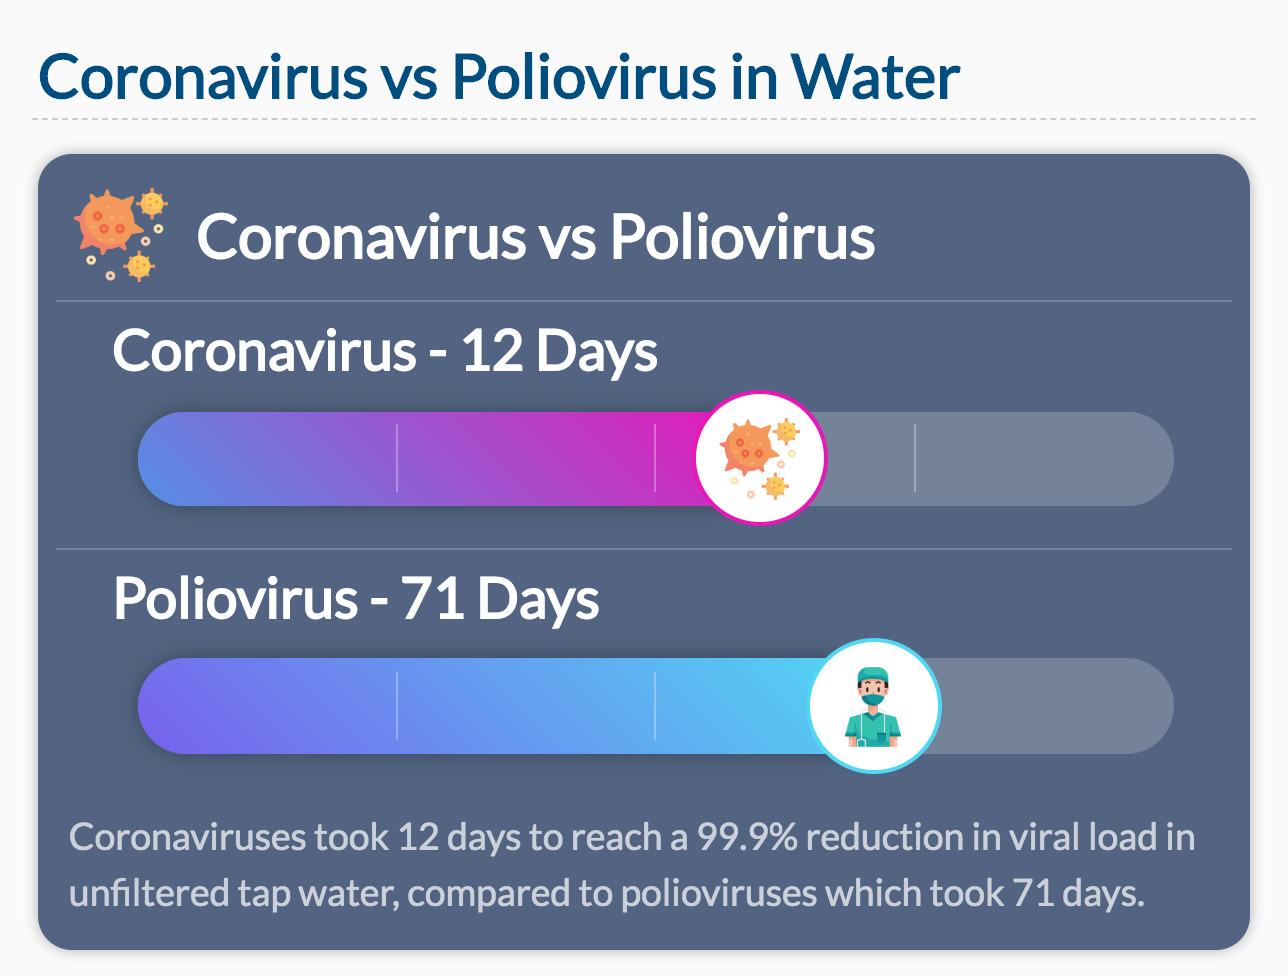 Coronavirus vs Poliovirus in Water